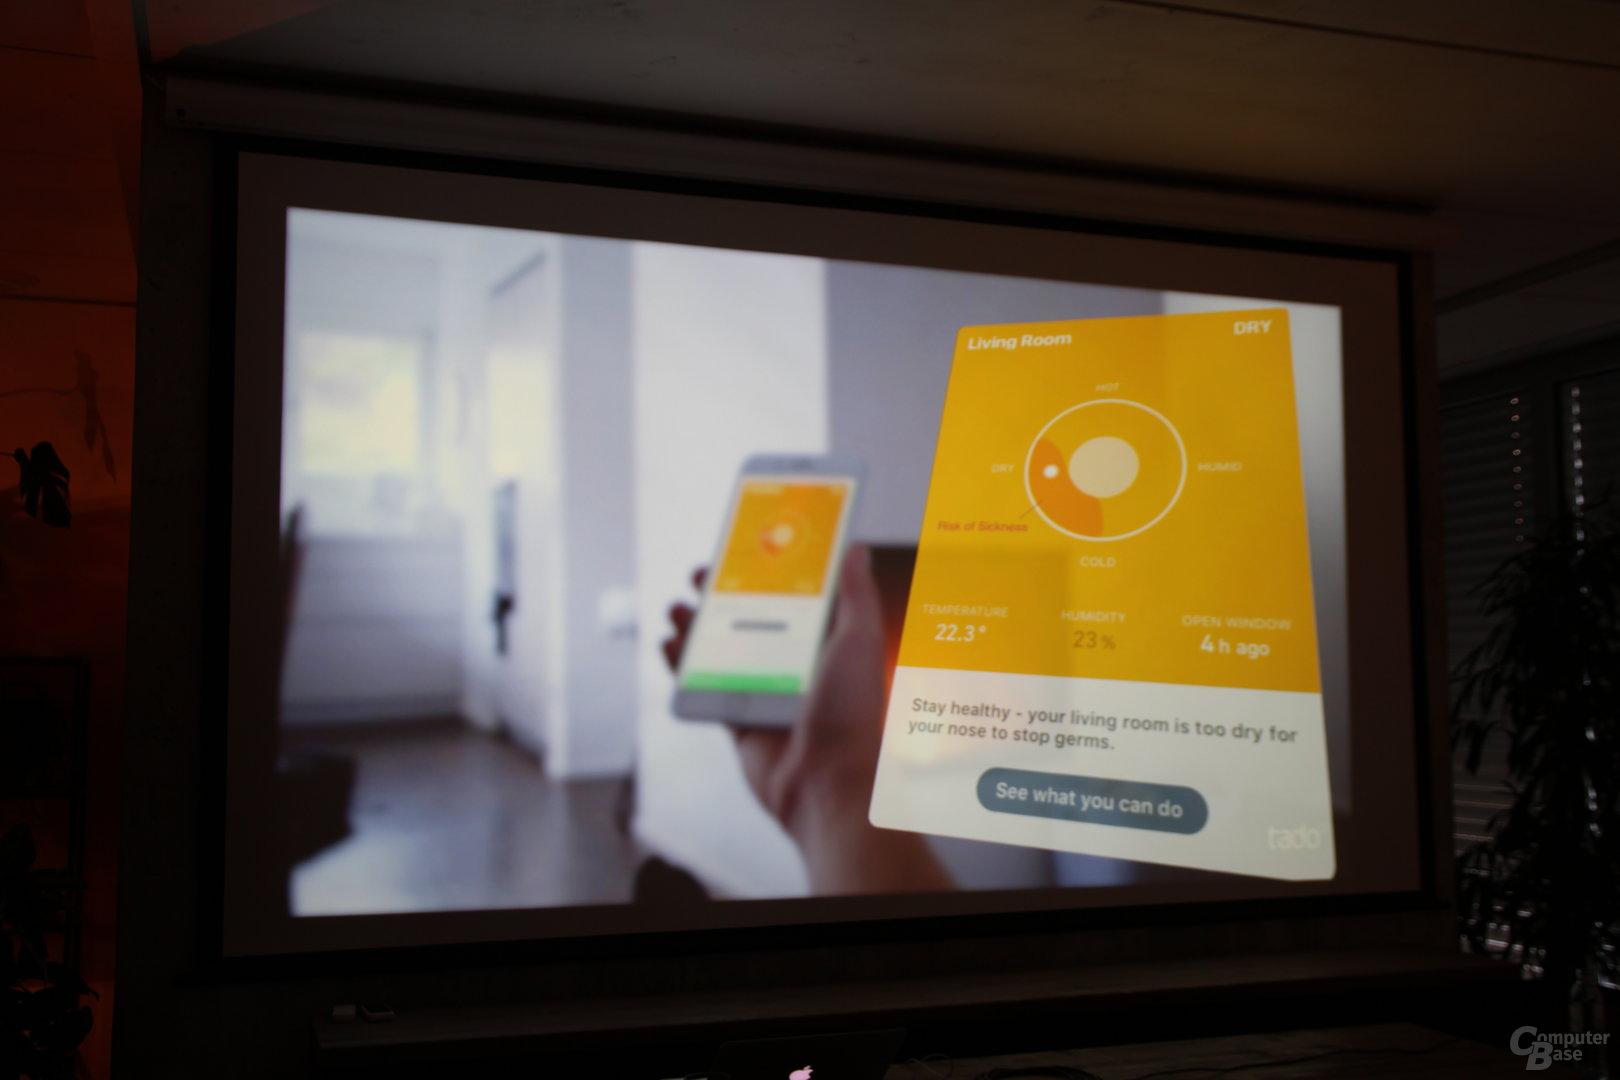 Mehr Informationen zur Luftqualität in der Tado-App